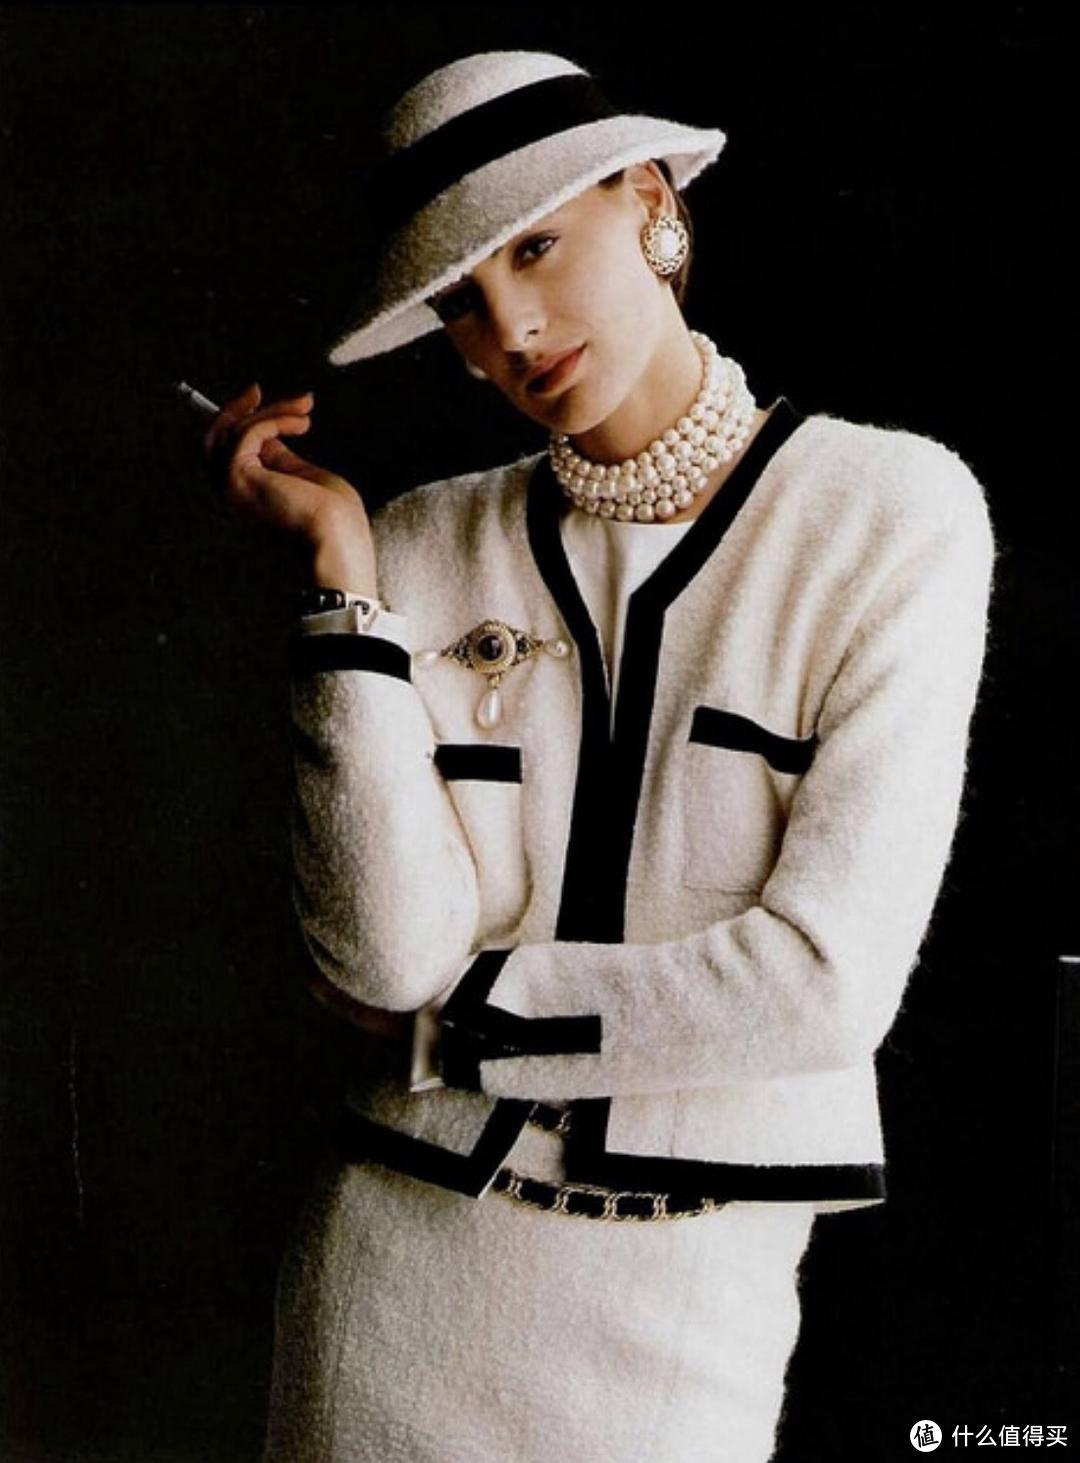 五百穿出五万质感,毫不费力的法式优雅,优衣库和她的联名才最值得买吧